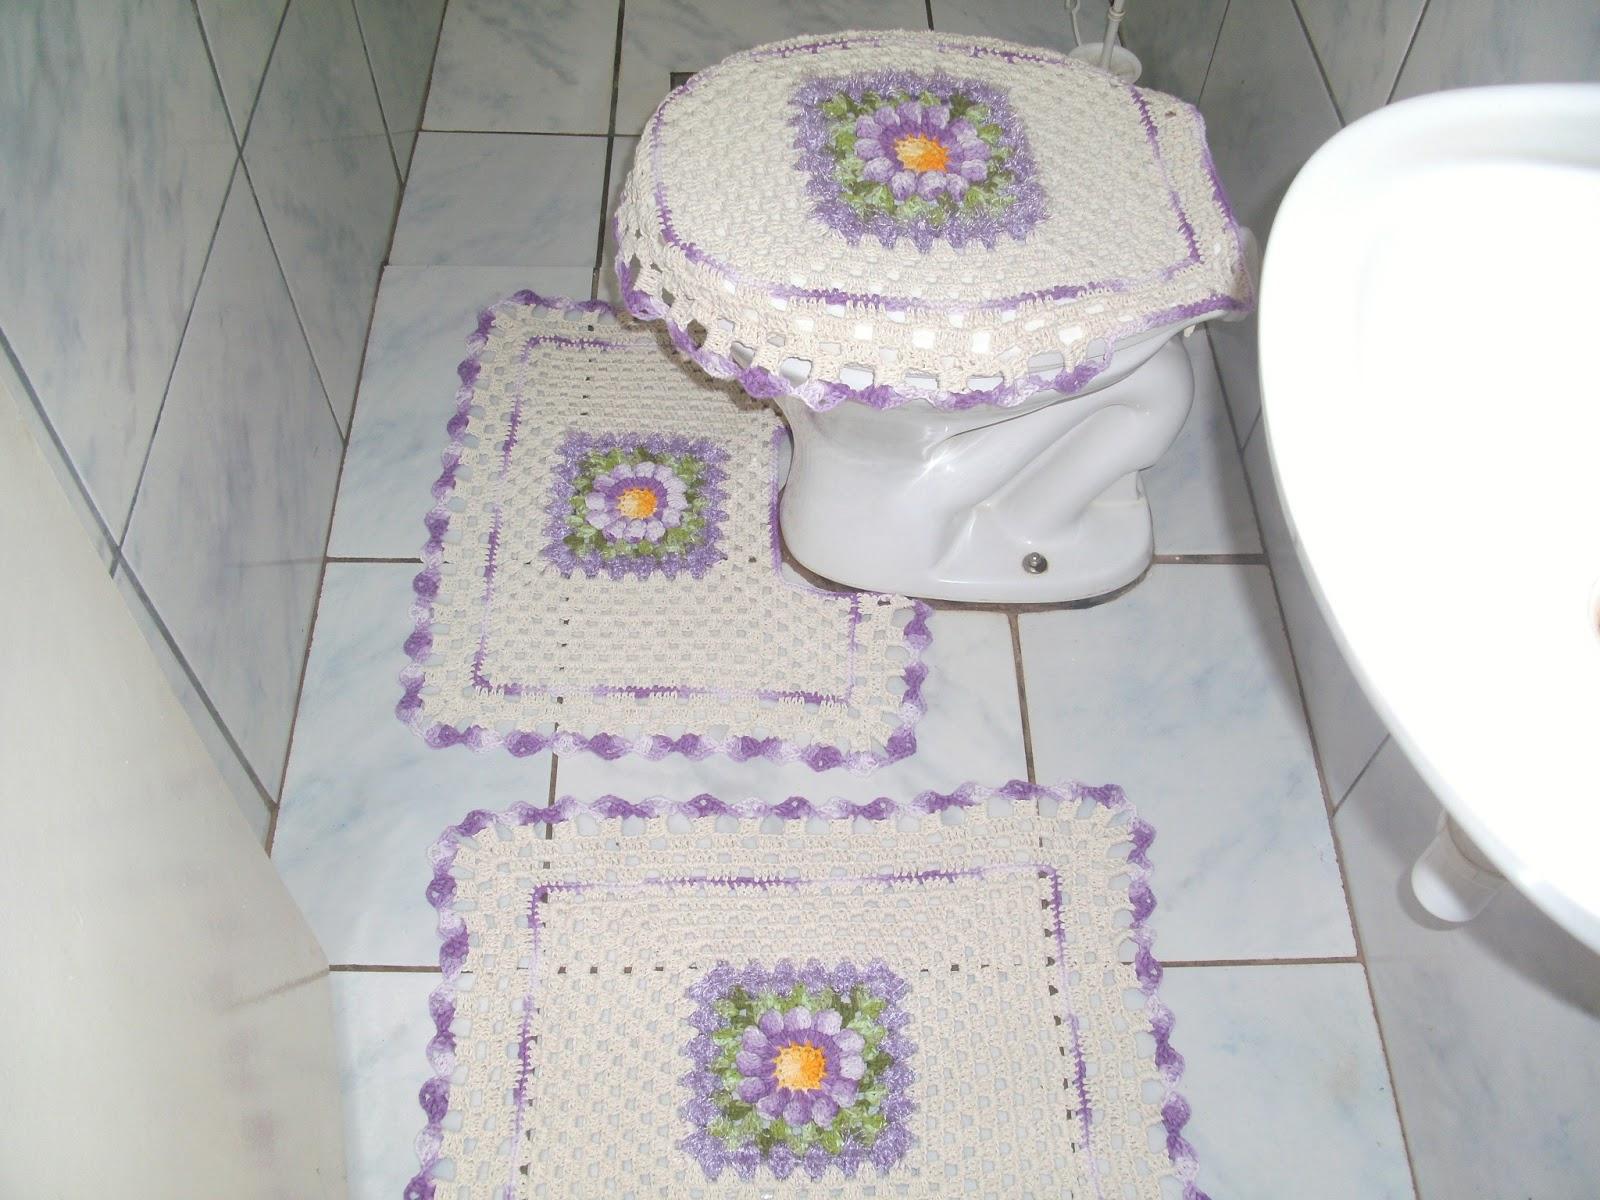 Crochês da Elizandra: Jogos de banheiro com barroco decore #6A5477 1600 1200